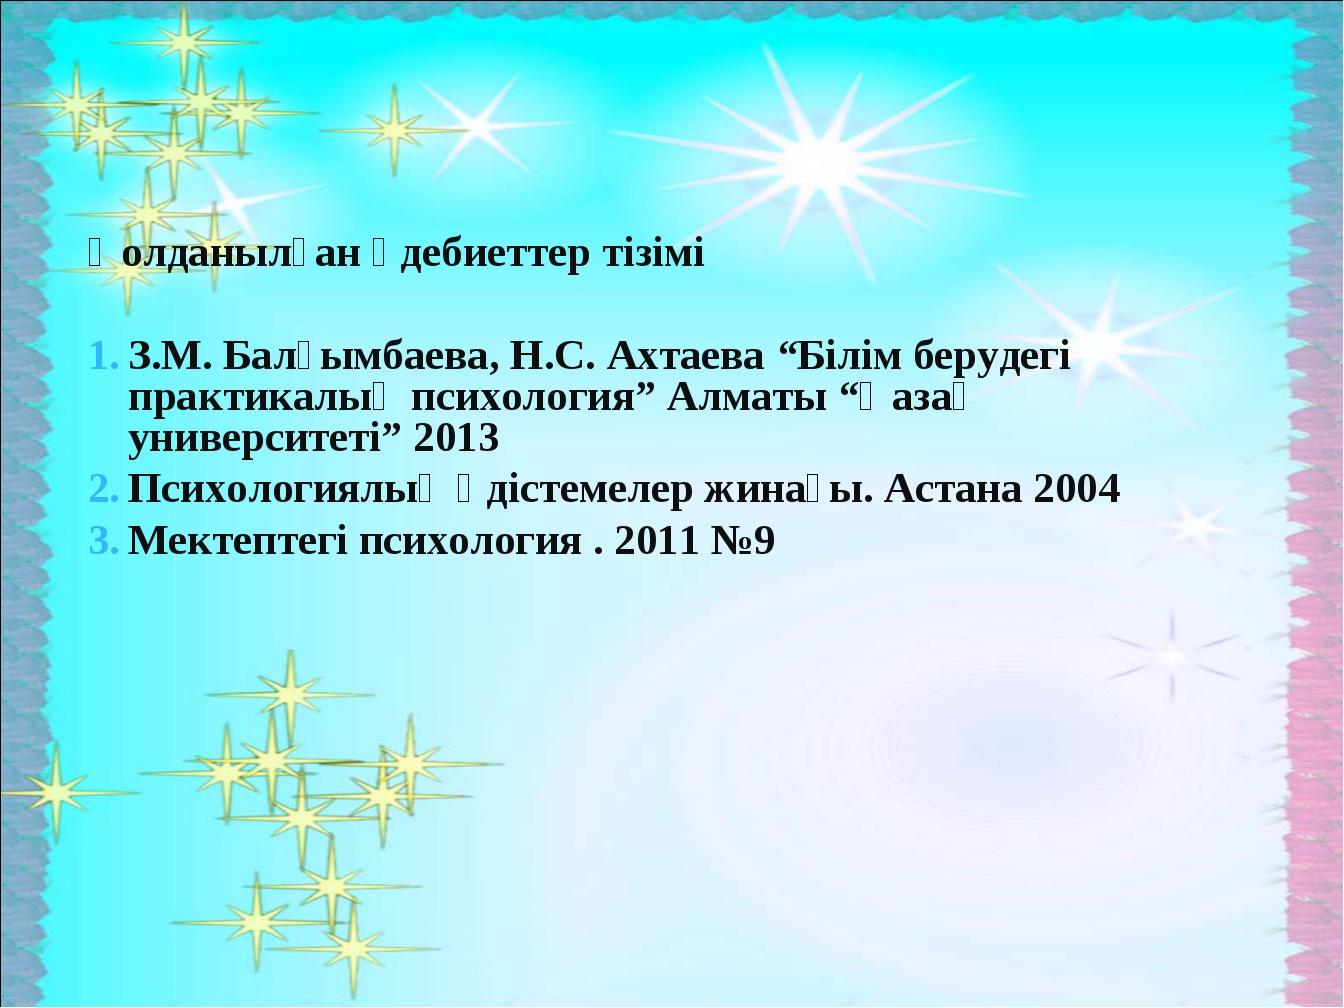 """Қолданылған әдебиеттер тізімі З.М. Балғымбаева, Н.С. Ахтаева """"Білім беруд..."""